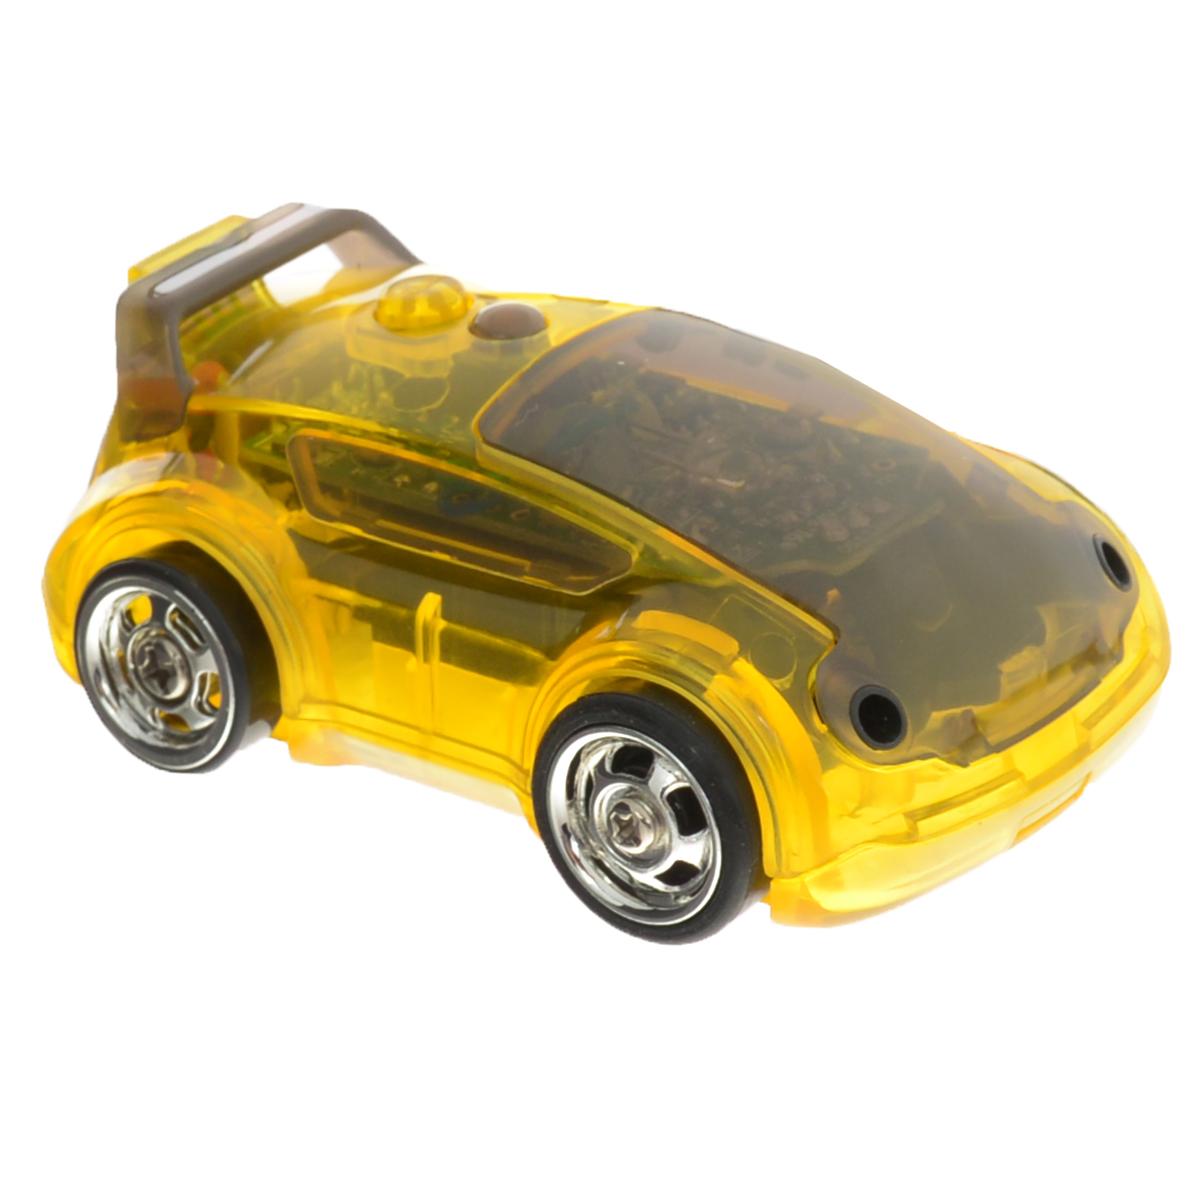 DeskPets Машина-микроробот на радиоуправлении Карбот цвет желтый